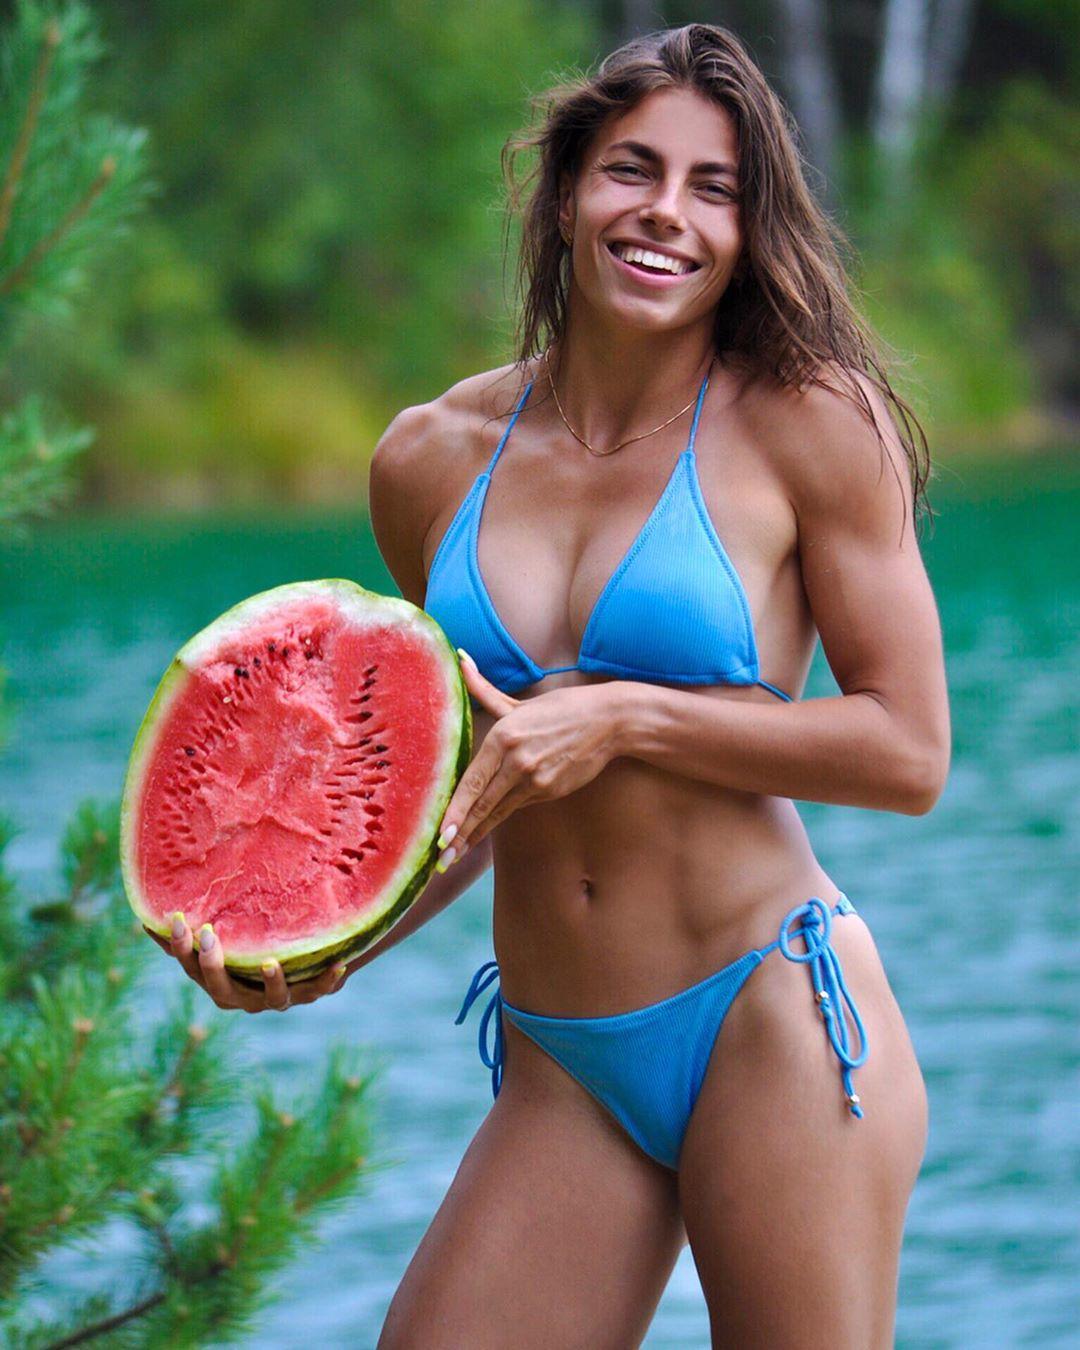 Секси украинская чемпионка по сексу зайчиха порно фотогалерея